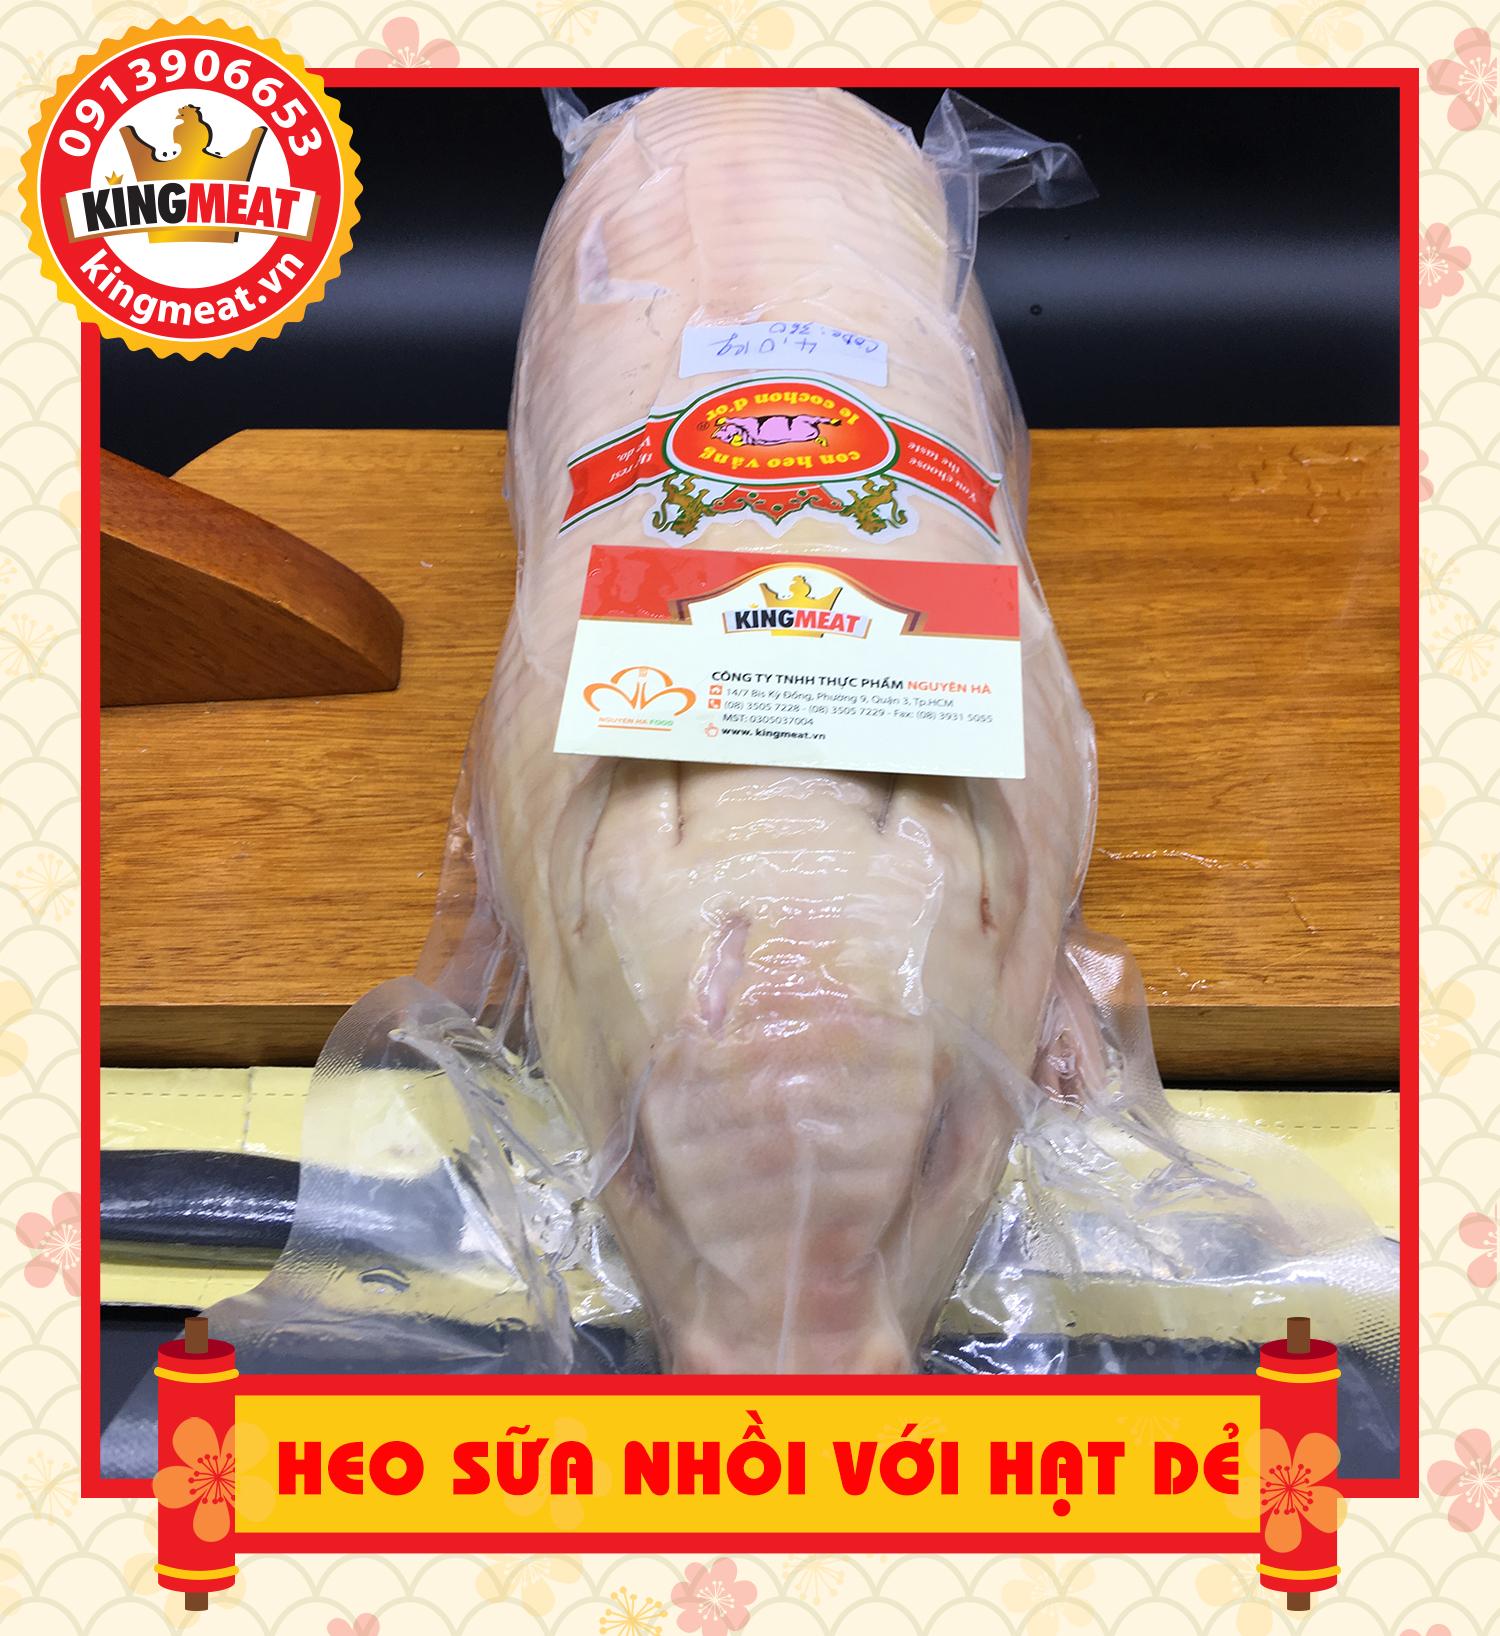 Heo-sua-nhoi-hat-de